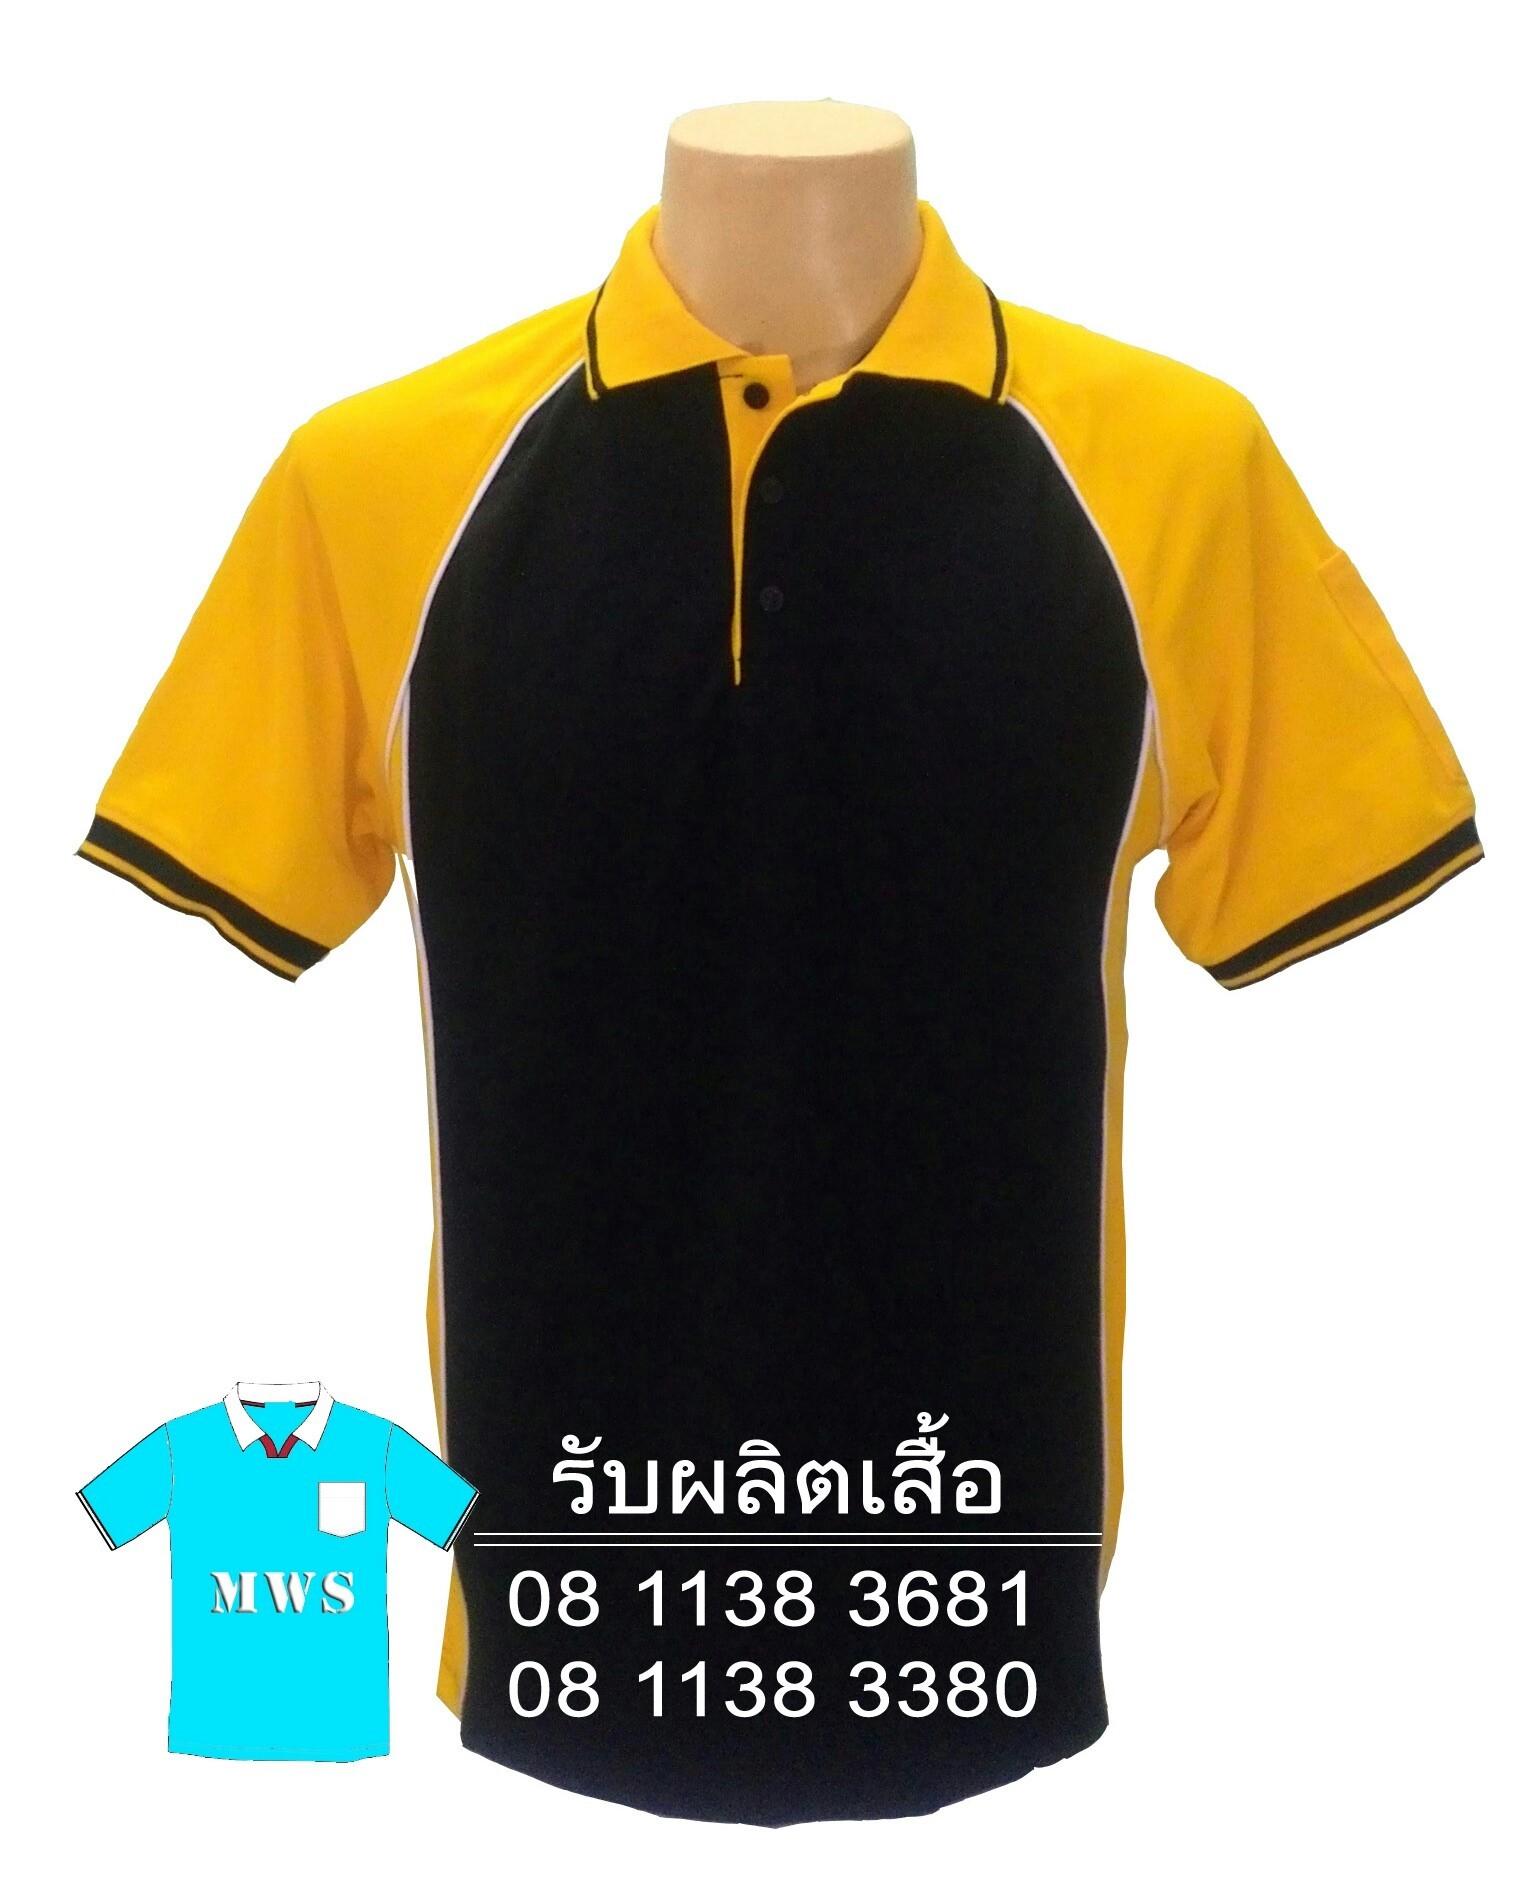 รับผลิตเสื้อราคาถูก